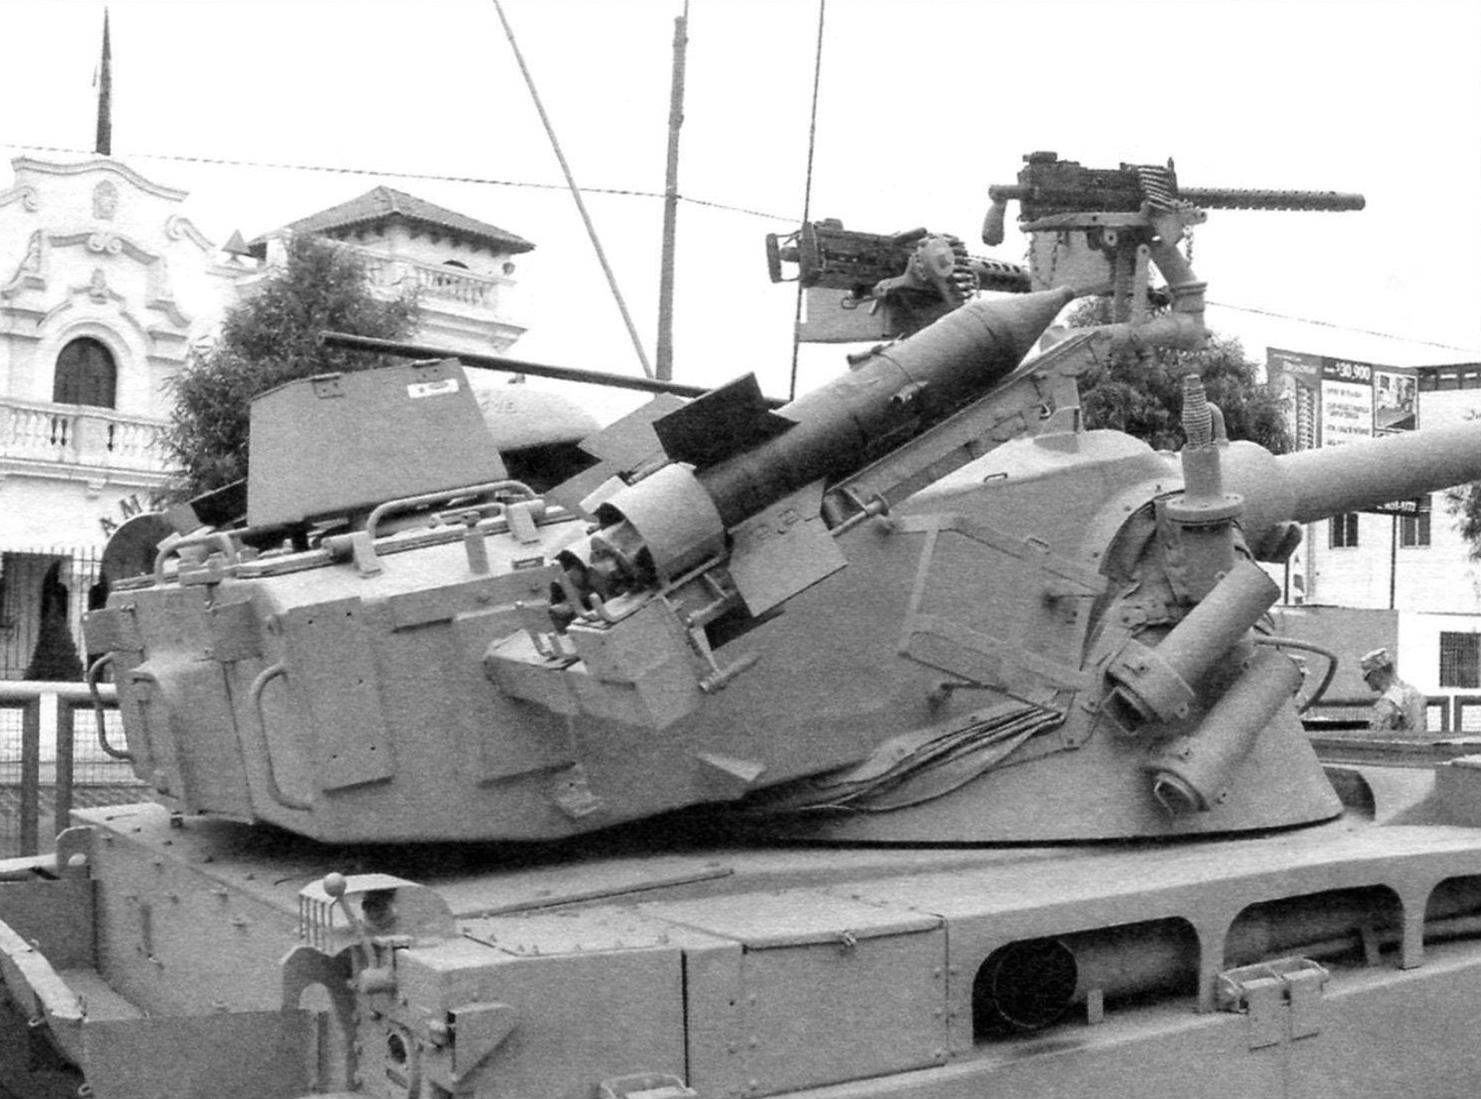 Качающаяся башня танка. На ней размещены пусковые ракетные установки, пулемёты и блоки дымовых гранат